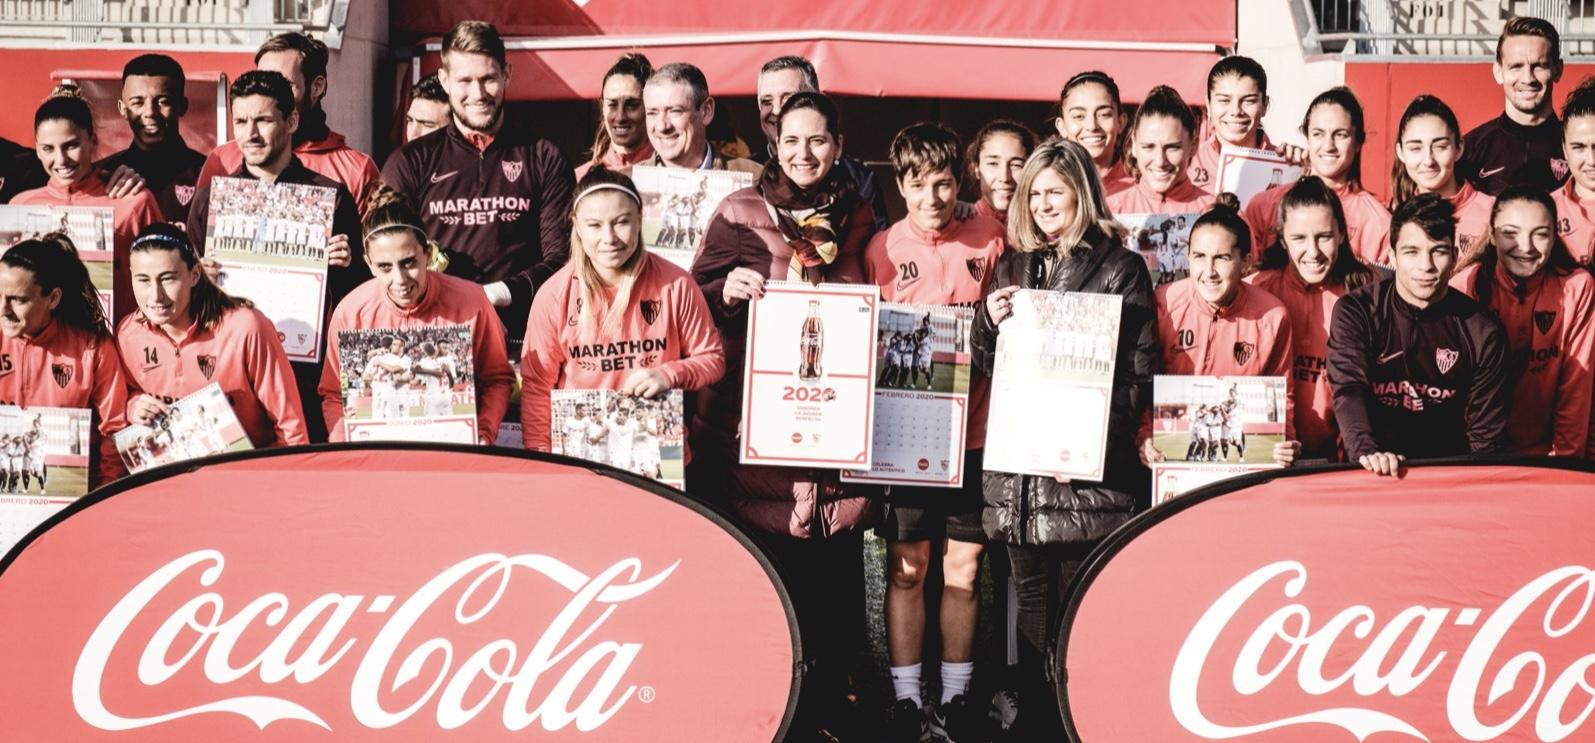 Coca-Cola y el Sevilla FC han editado 7.000 ejemplares de un calendario 2020 conjunto para que disfrutes este 2020 con las jugadores y jugadores del Sevilla